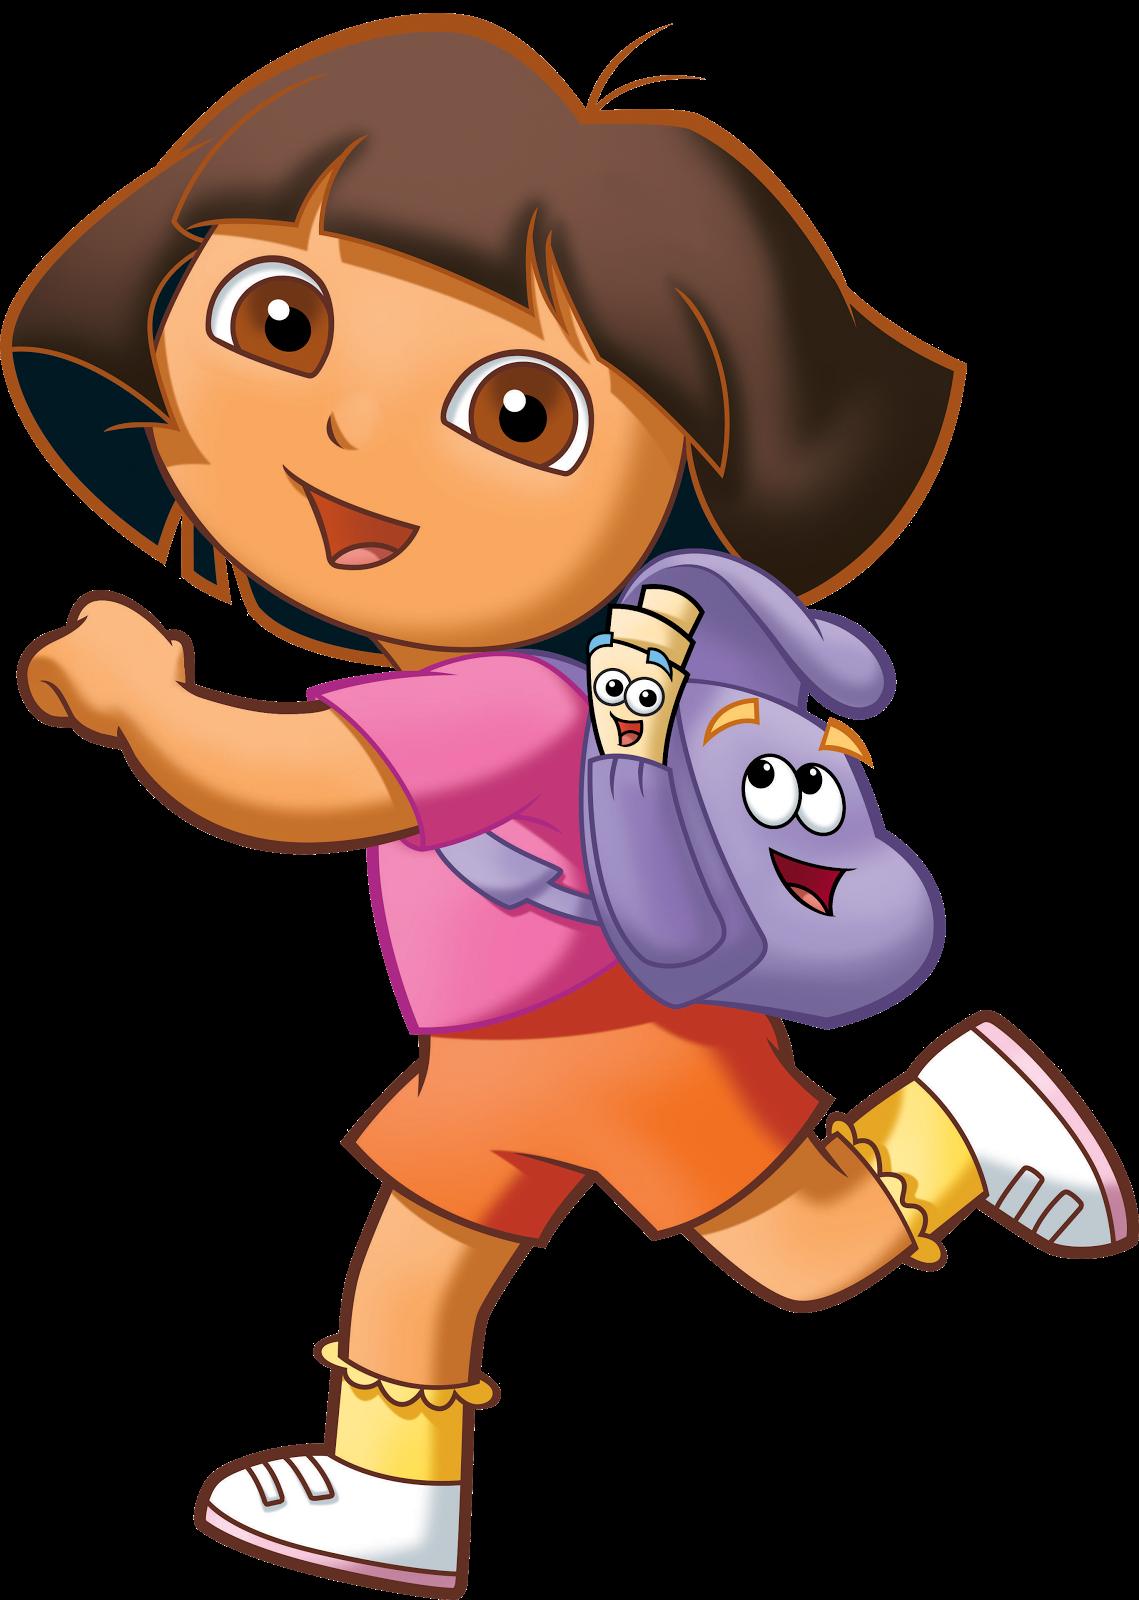 Dora The Explorer Png & Free Dora The Explorer.png Transparent.